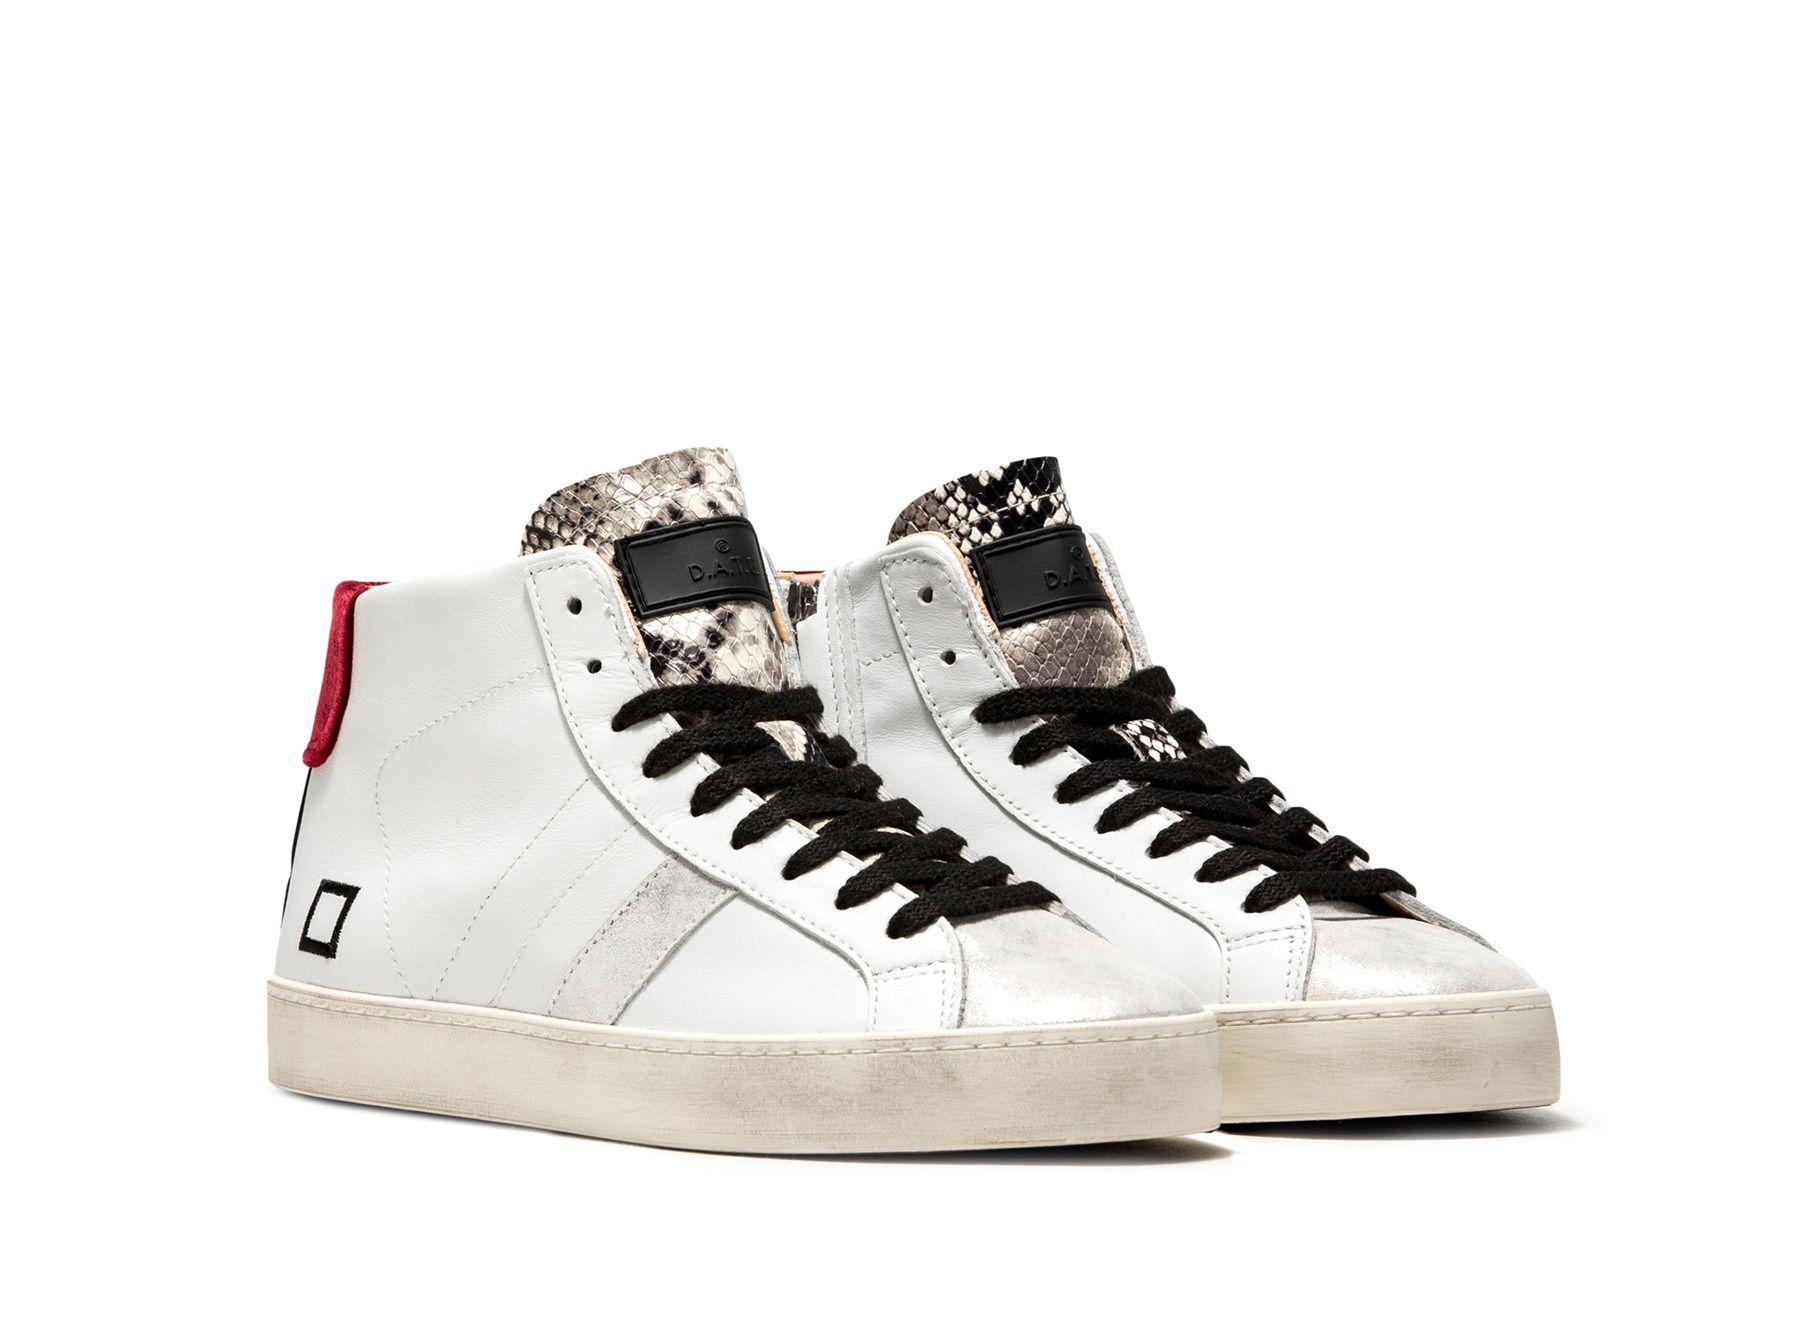 Date Sneakers HILL HIGH CALF WHITE RED | Scarpe D.a.t.e.